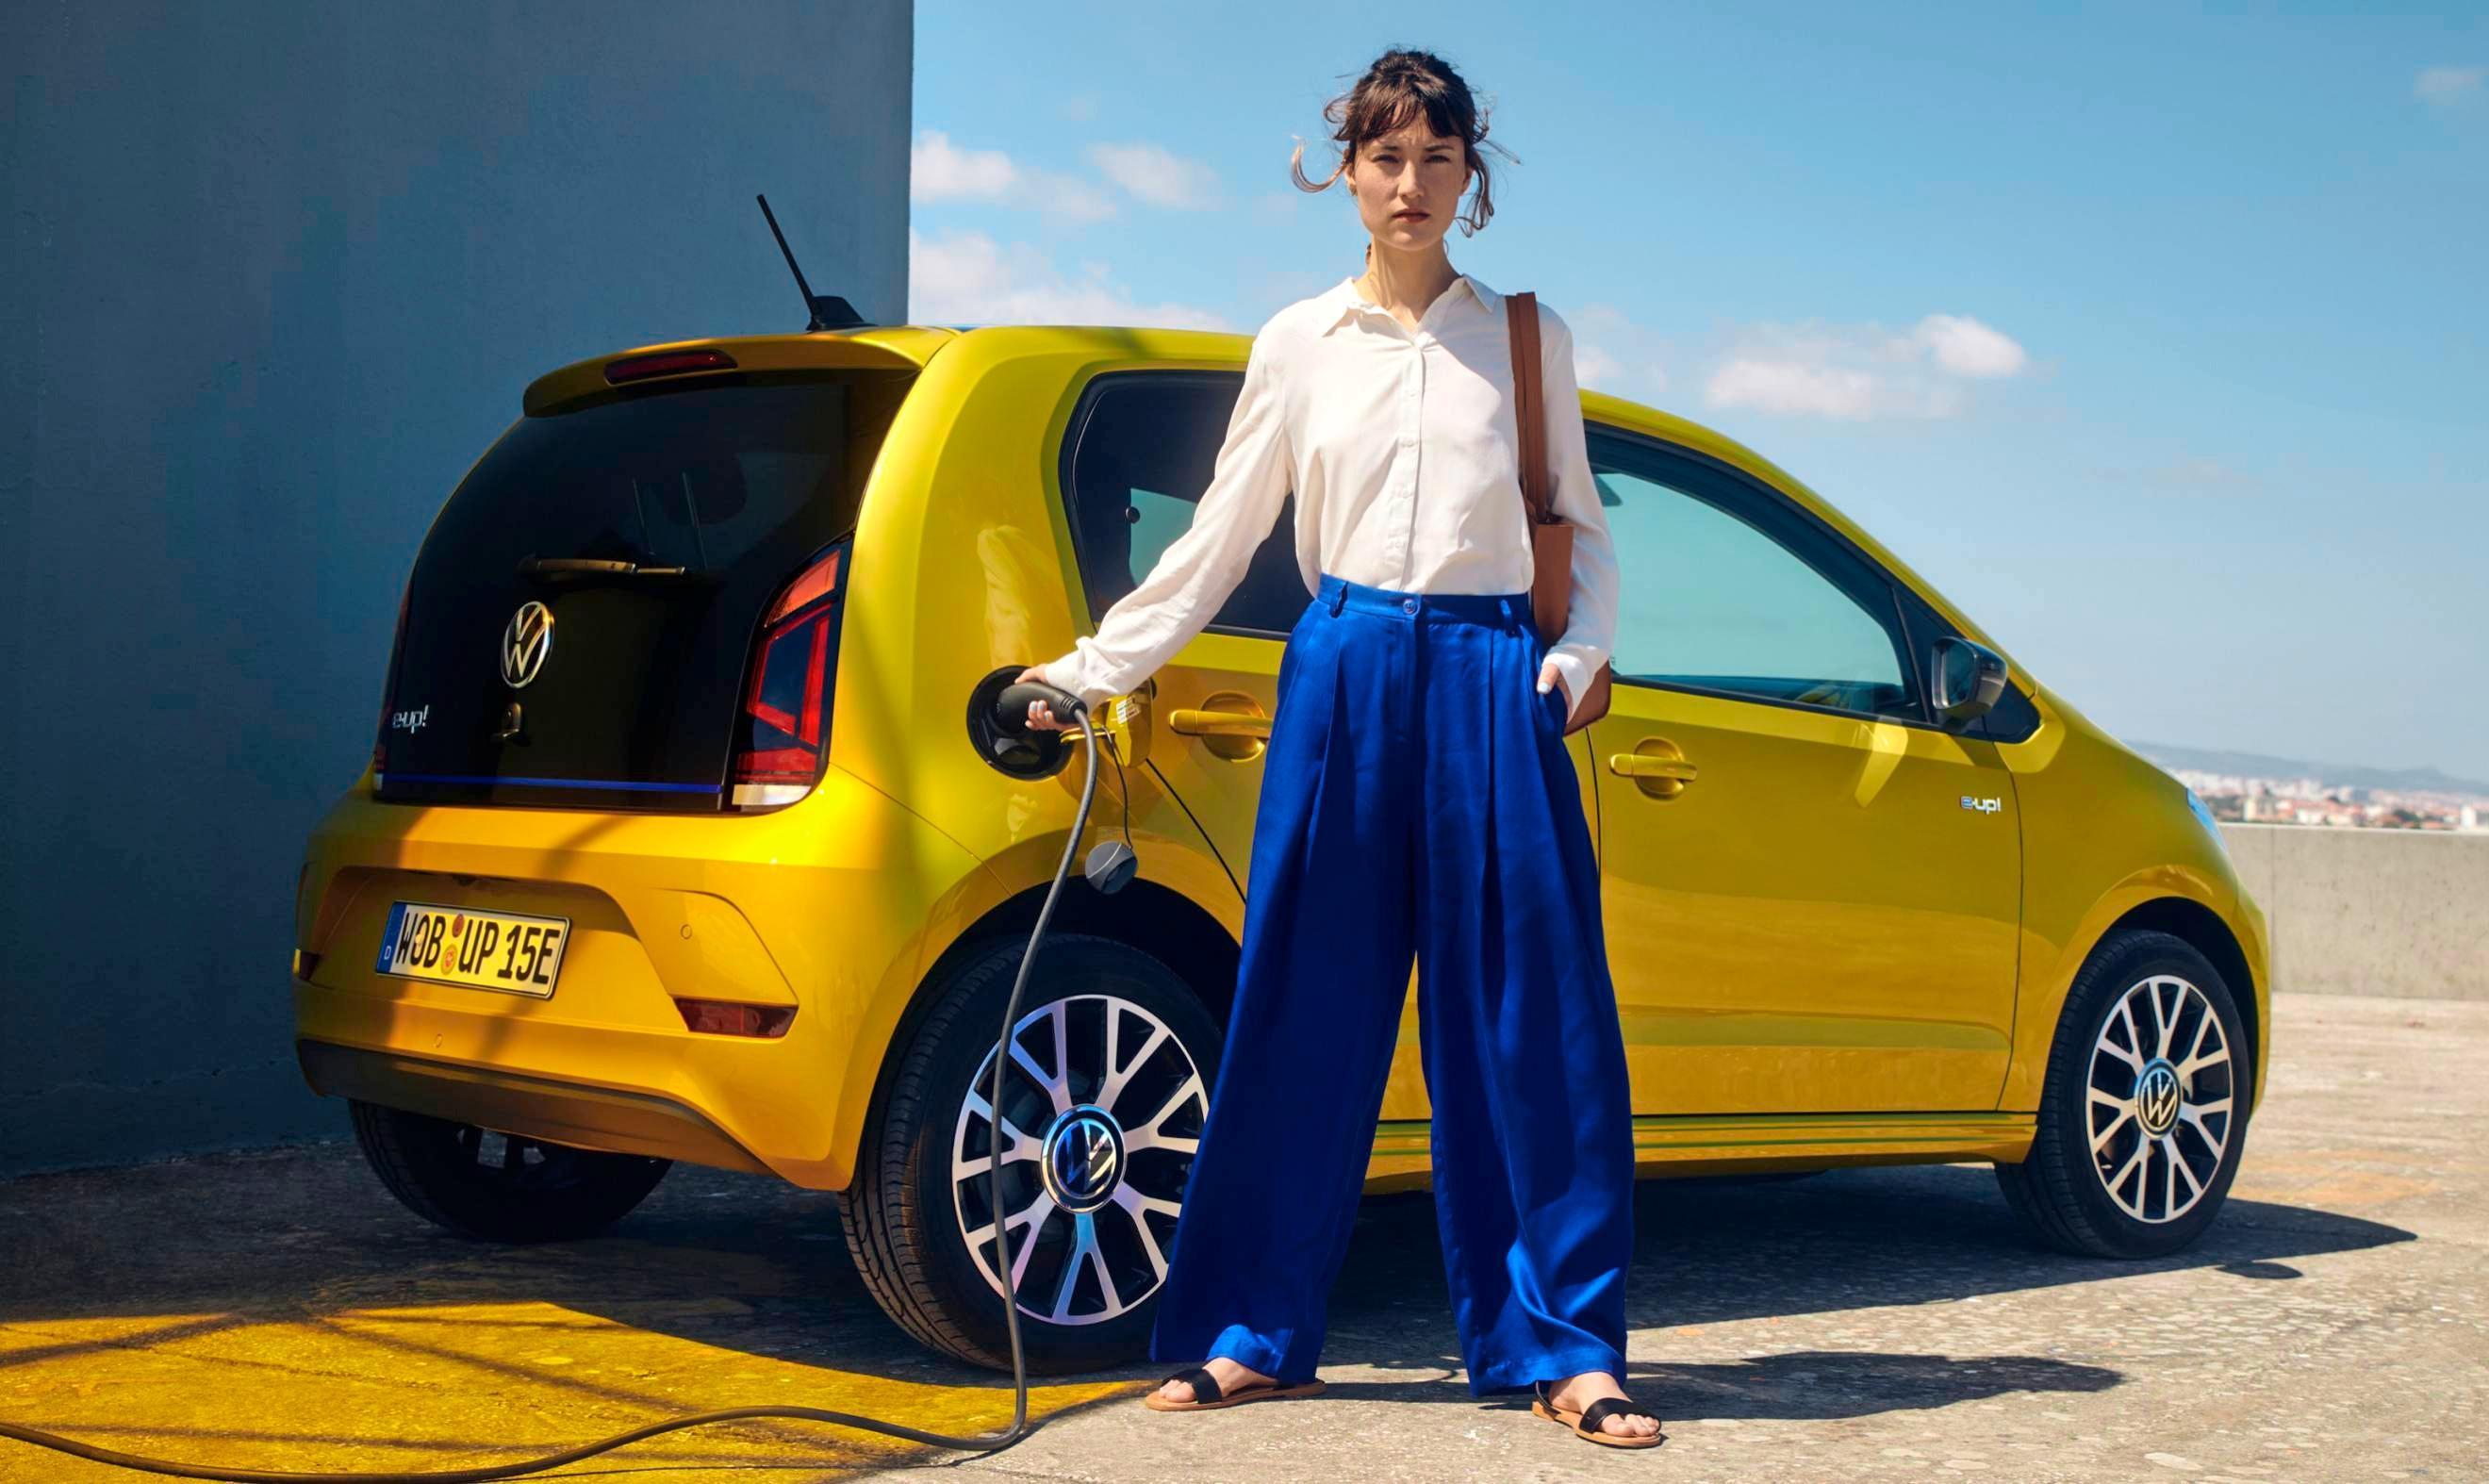 VW hat den kleinen E-Up überarbeitet. Neue Batteriezellen mit deutlich höherer Energiedichte ermöglichen künftig eine größere Reichweite von nun bis zu 260 Kilometern. Die Preise starten ab 21975 Euro.